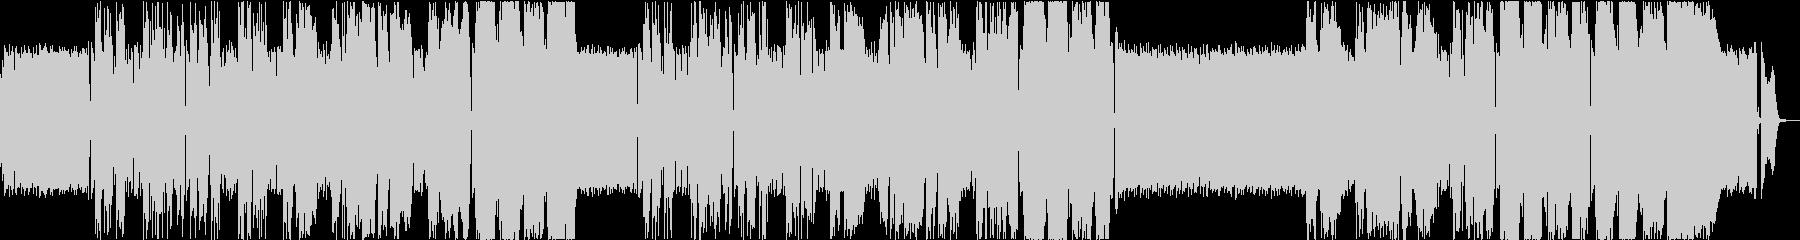 架空のアニメ「炎上肉魂ヒーマン」主題歌の未再生の波形